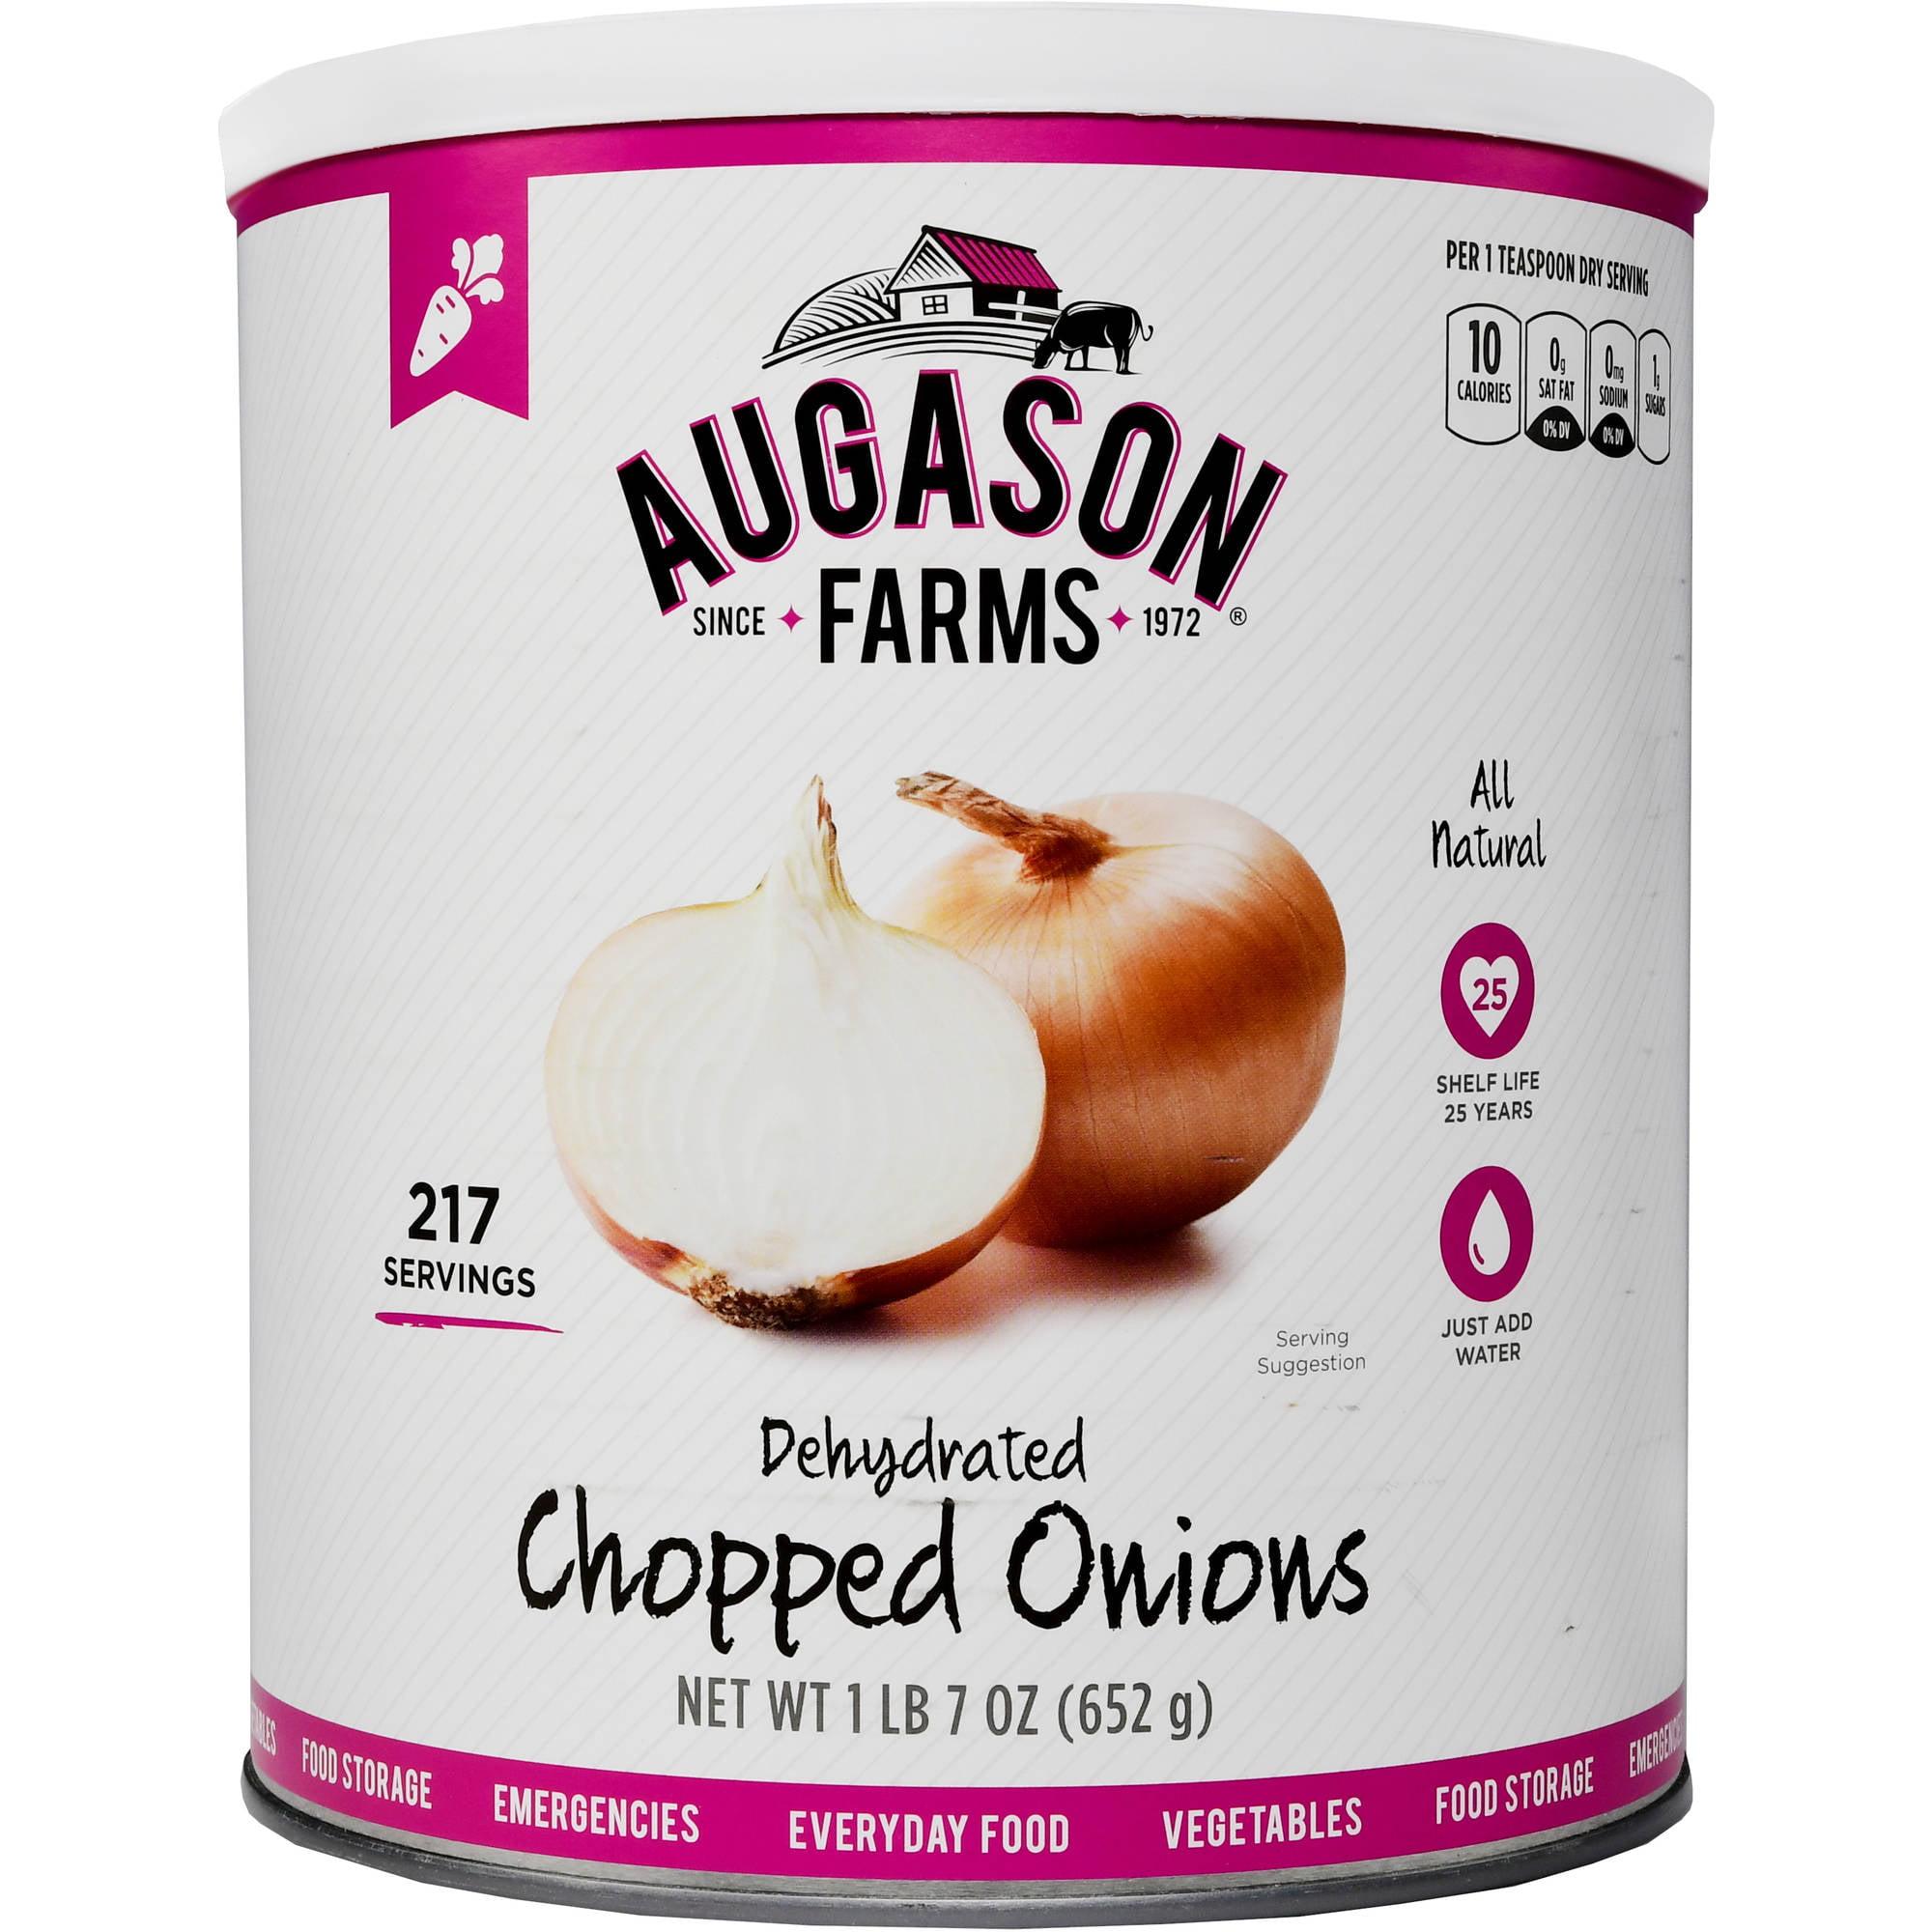 Augason Farms Emergency Food Dehydrated Chopped Onions, 23 oz by Generic